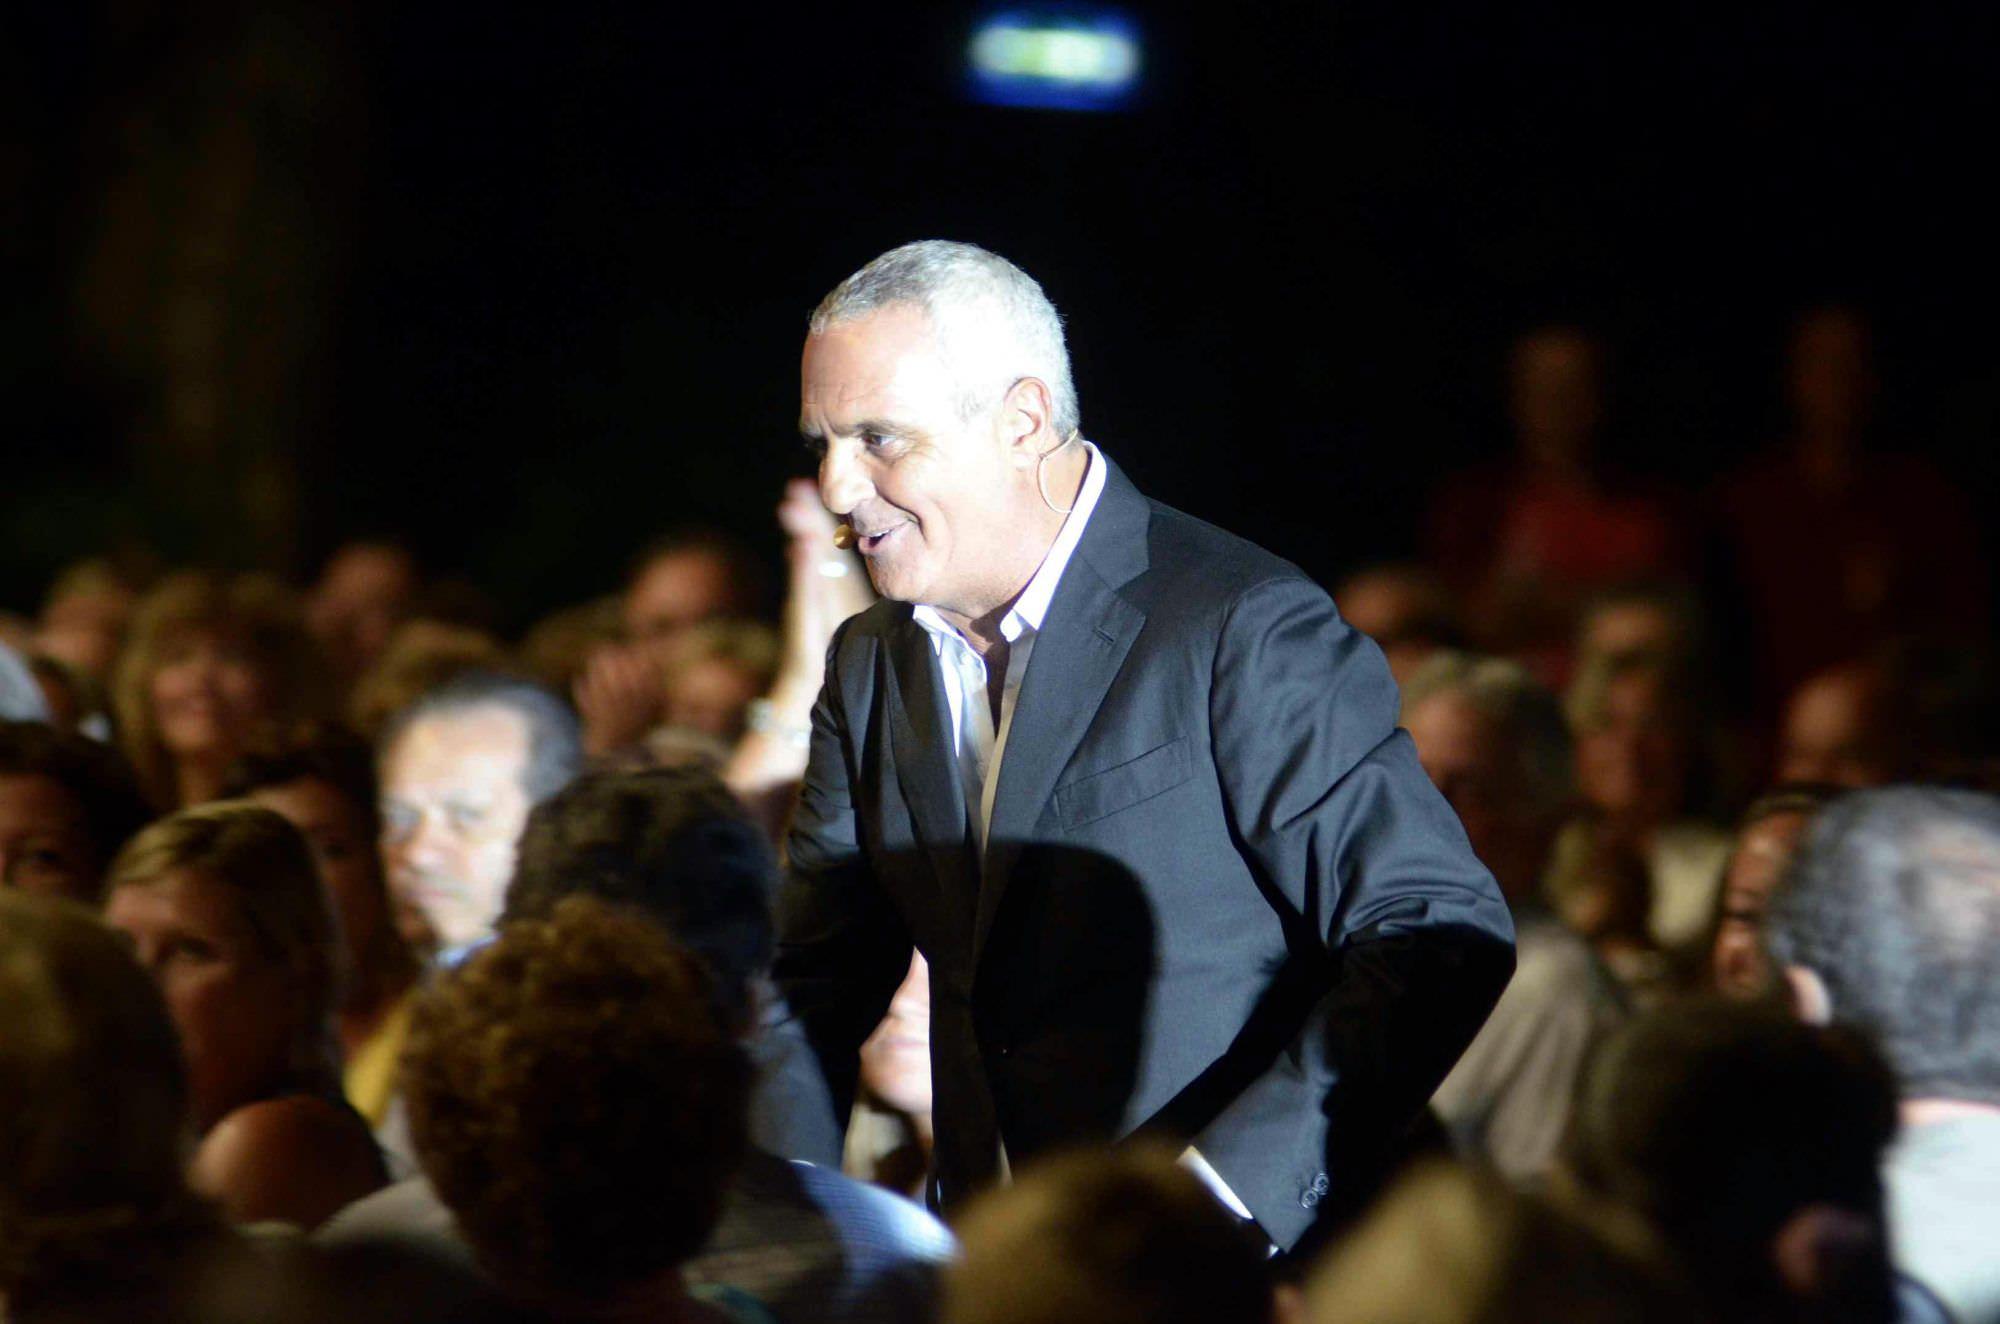 Bagno di folla per Giorgio Panariello alla Versiliana. Tra il pubblico anche Bocelli